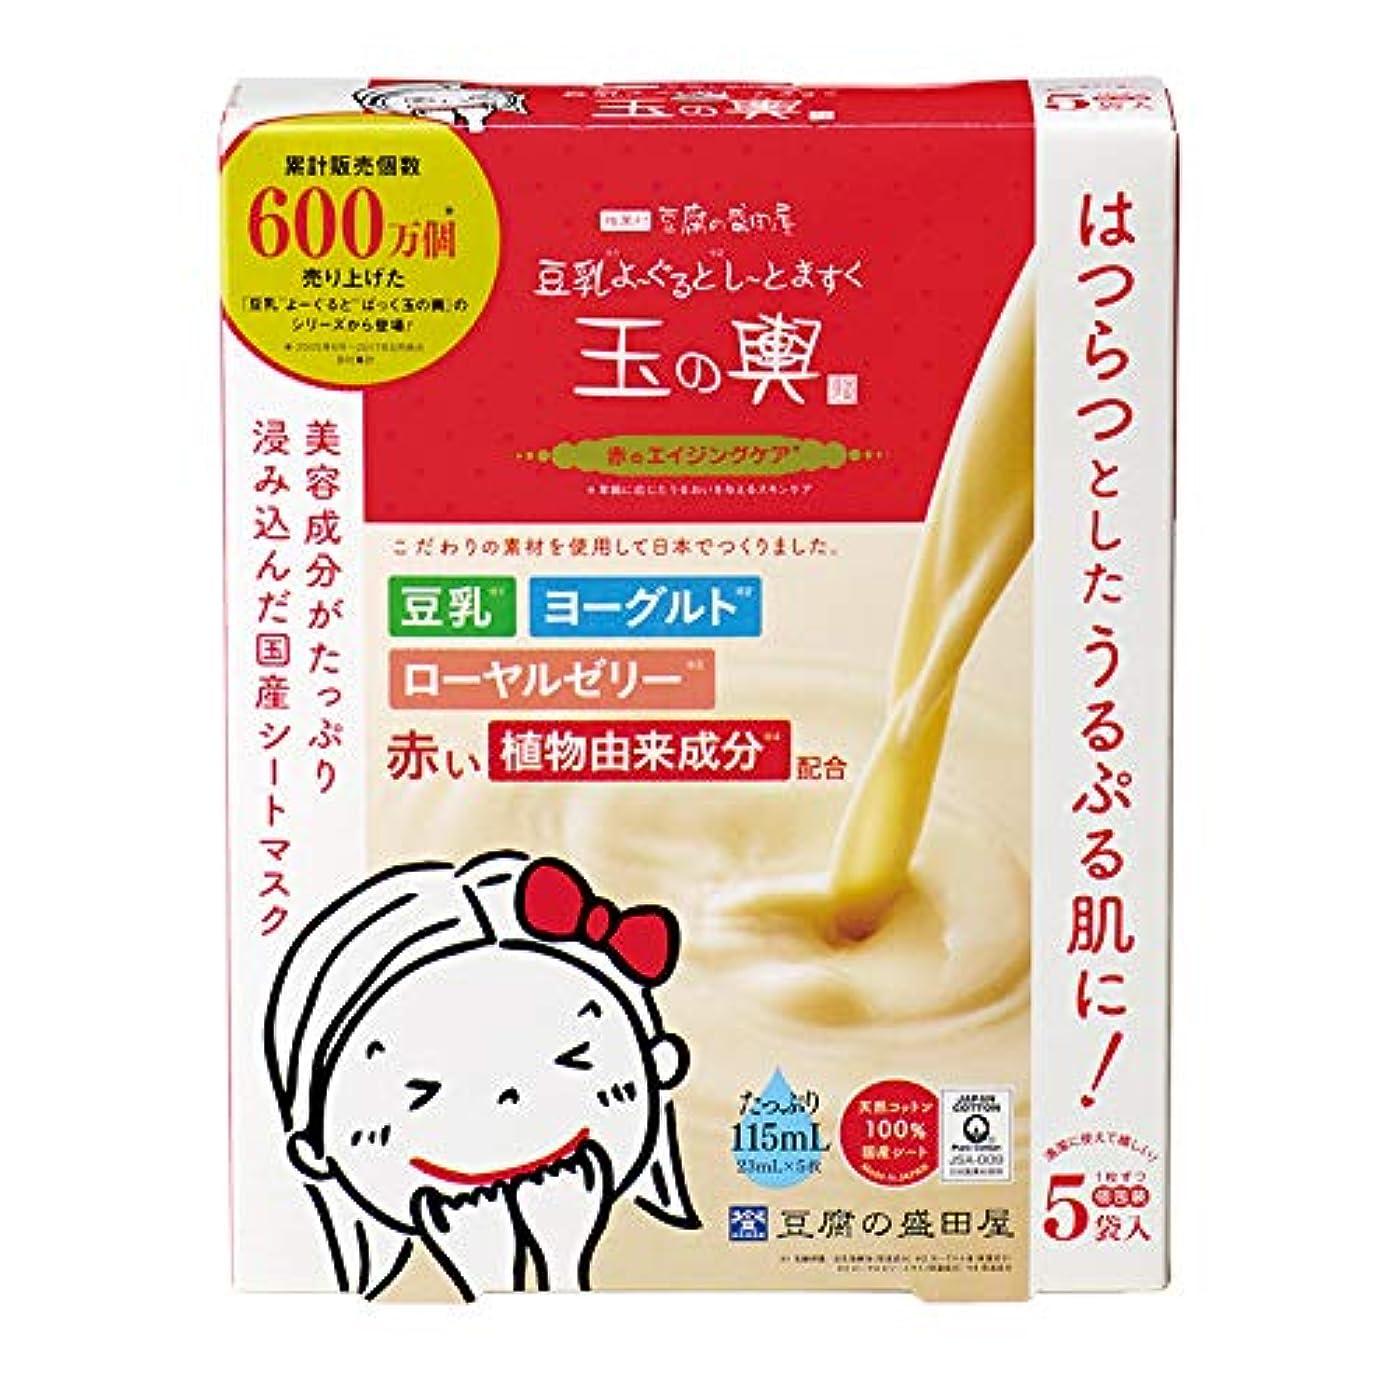 テザーおめでとう決定豆腐の盛田屋 豆乳よーぐるとしーとますく 玉の輿〈赤のエイジングケア〉23mL×5枚